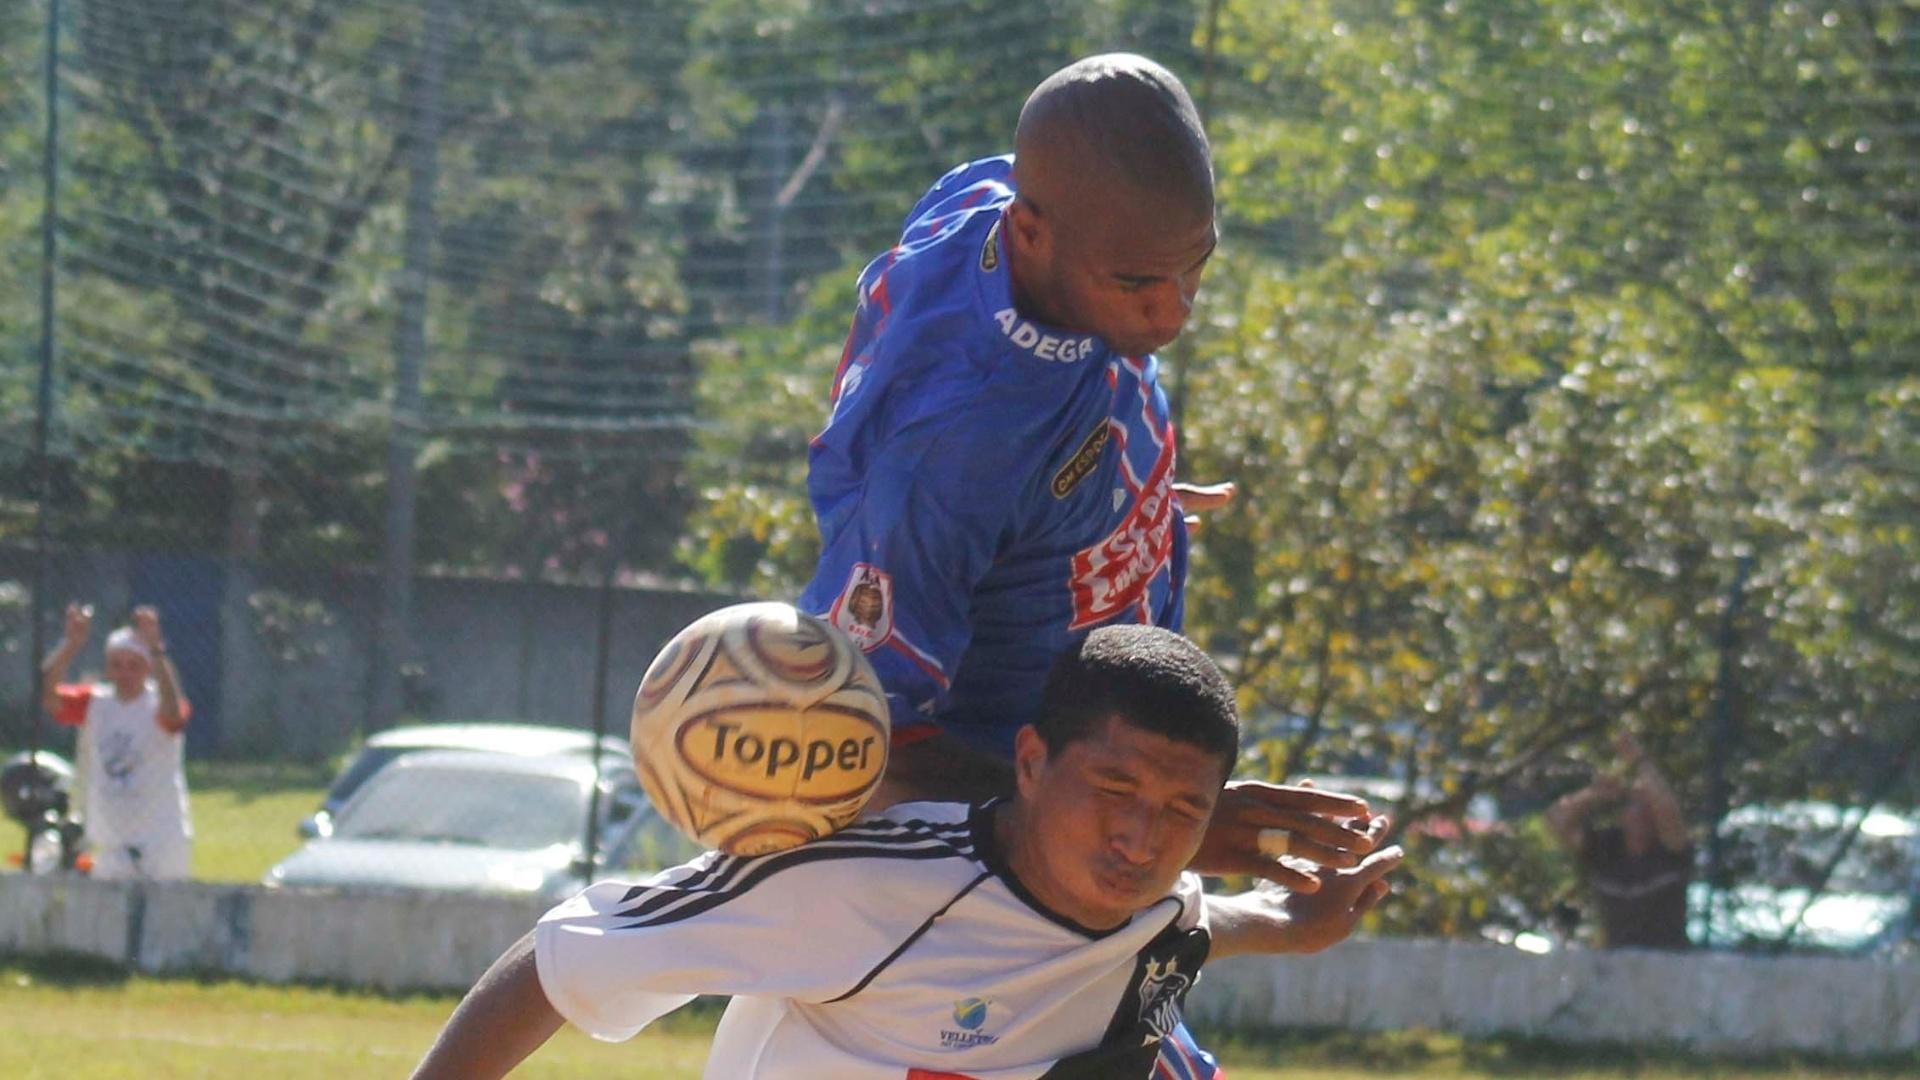 Jogador do Adega (azul) faz a carga em cima do volante do Santos (branco)